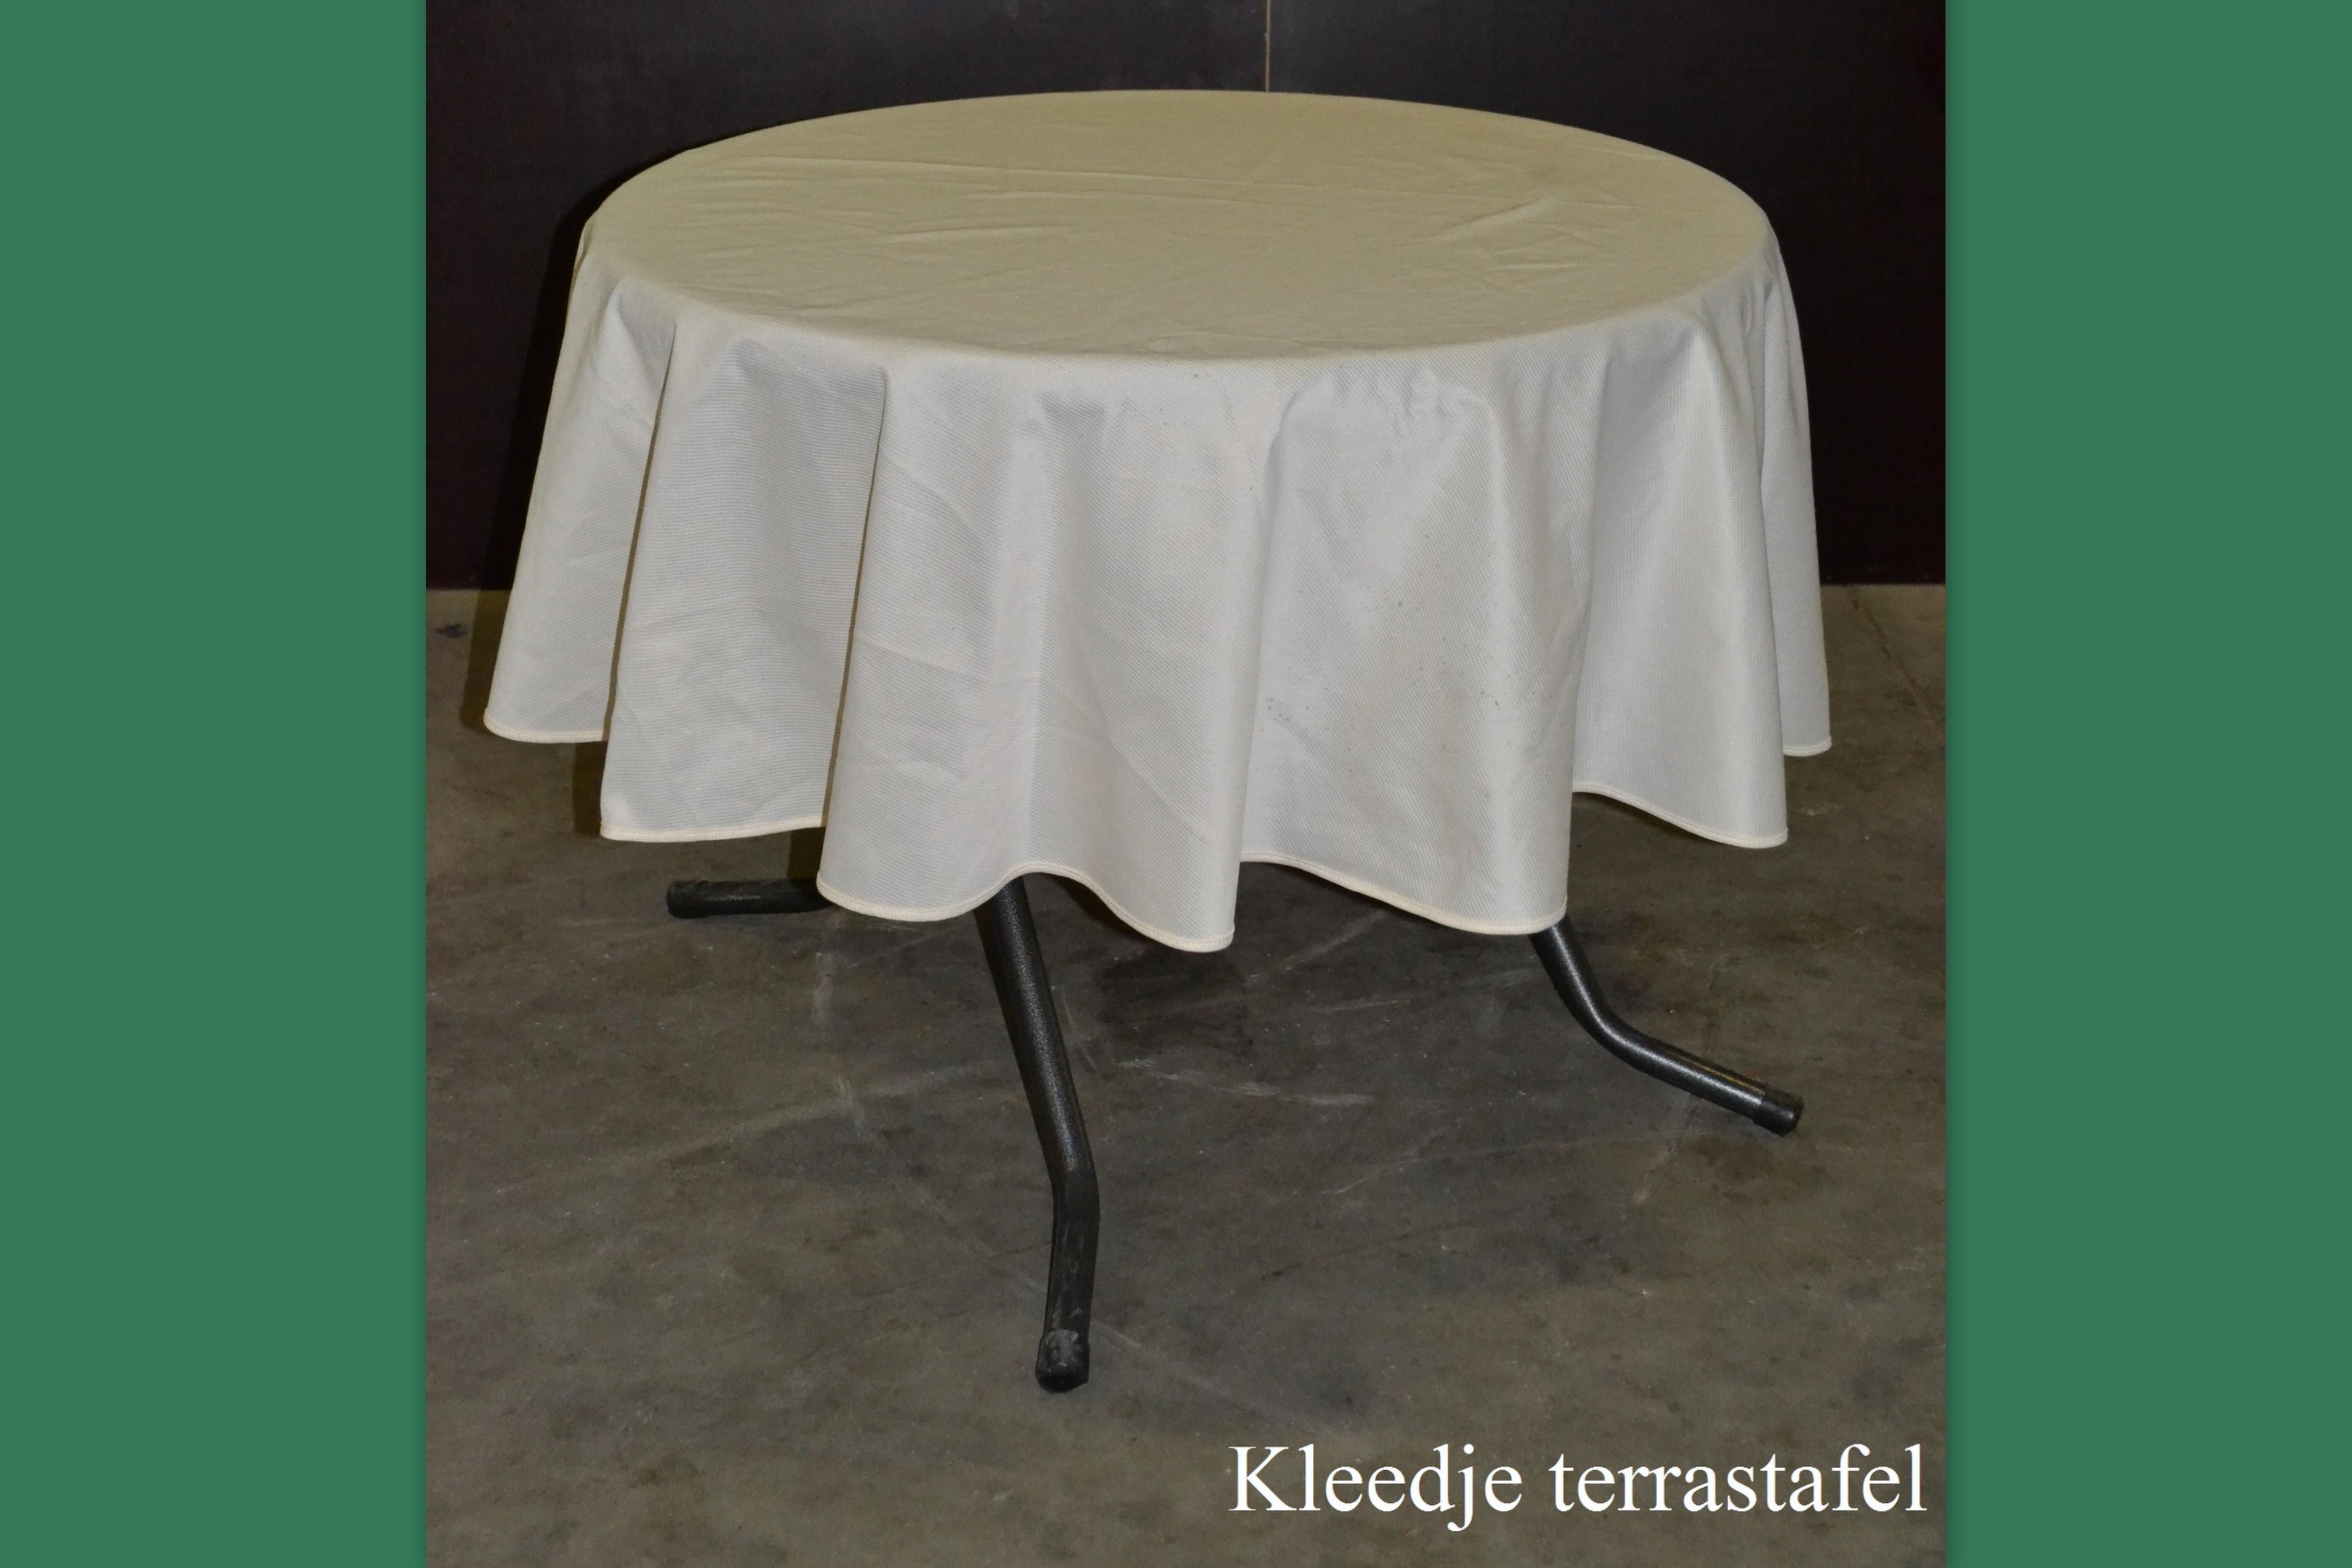 kleedje-terrastafel1